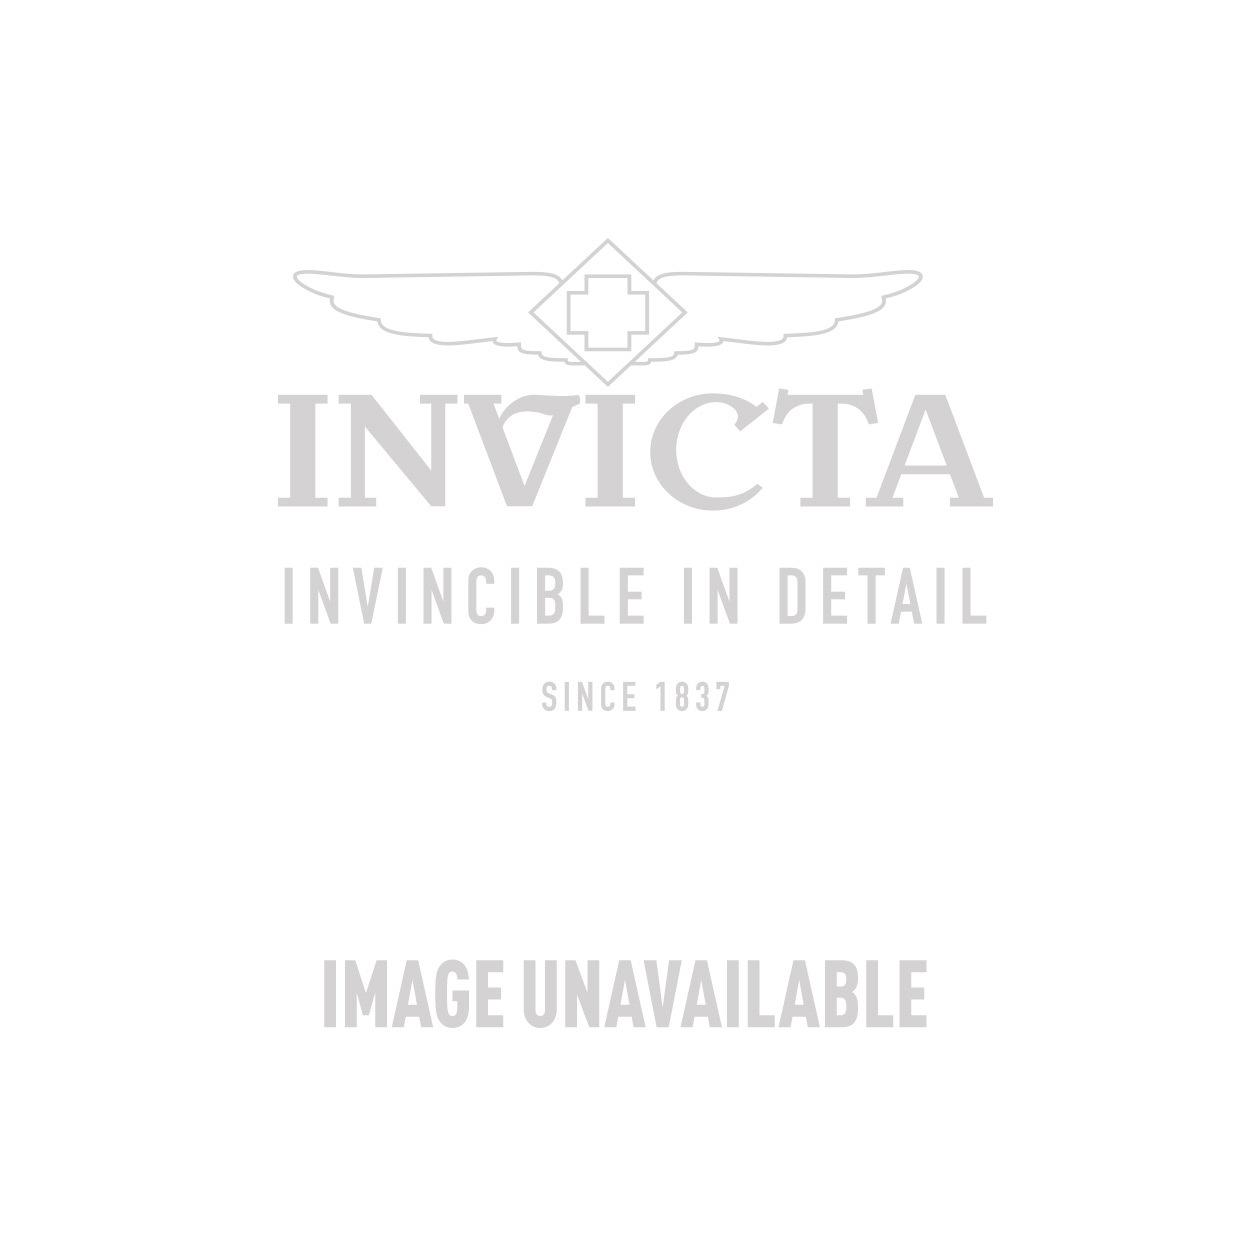 Invicta Model 27941